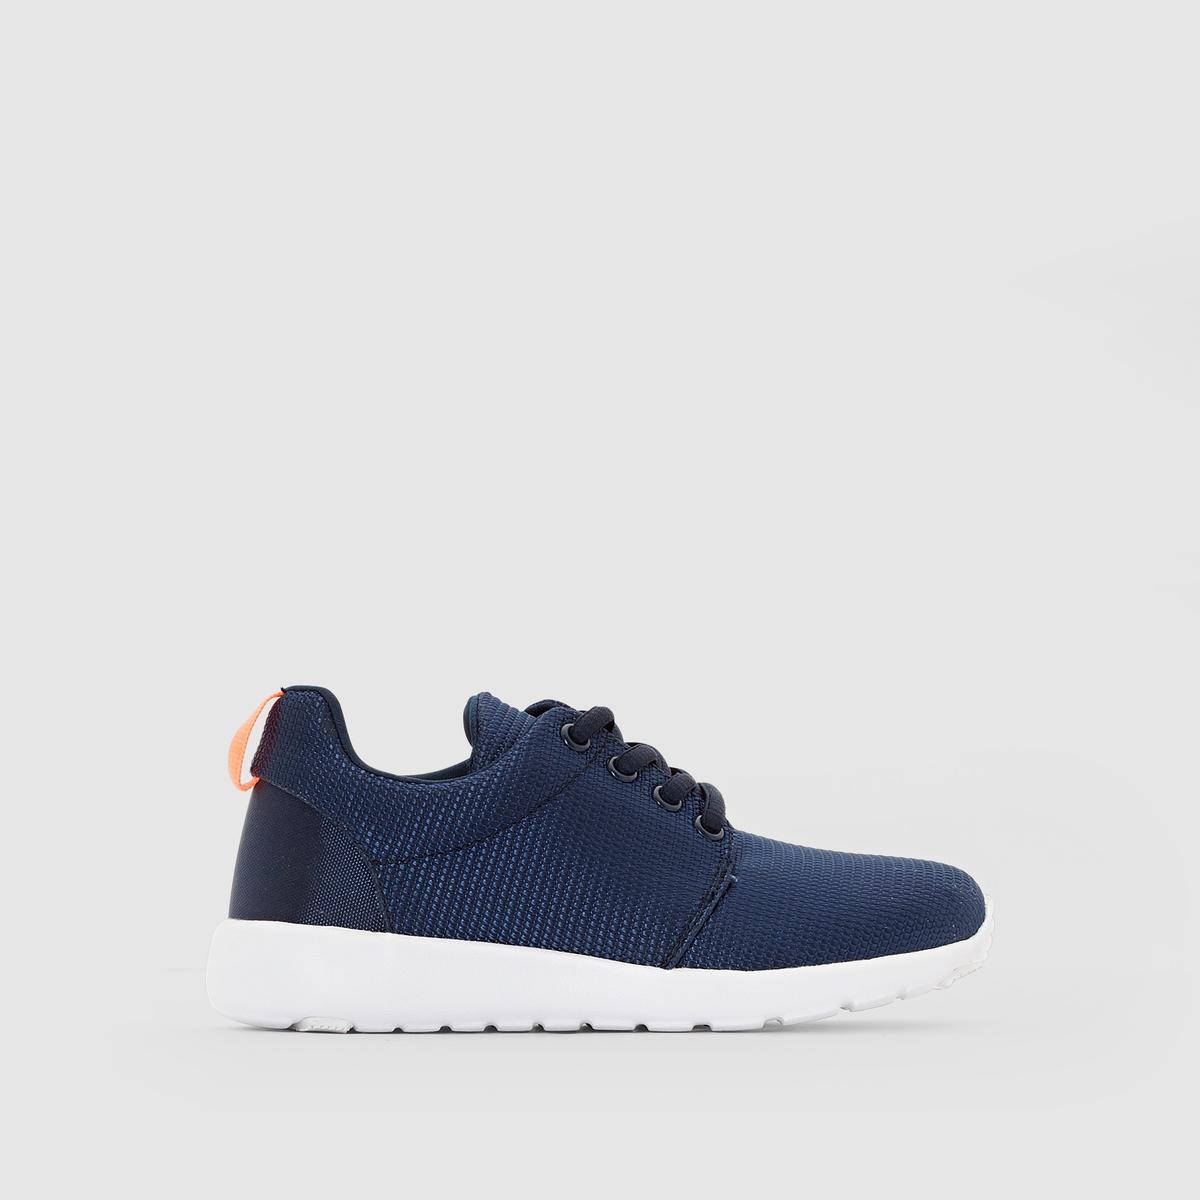 Кеды низкие в стиле runningКрасивая линейка обуви running в модных тенденциях и с очень стильными мотивам: кеды, который придутся по вкусу как детям, так и взрослым!<br><br>Цвет: синий морской